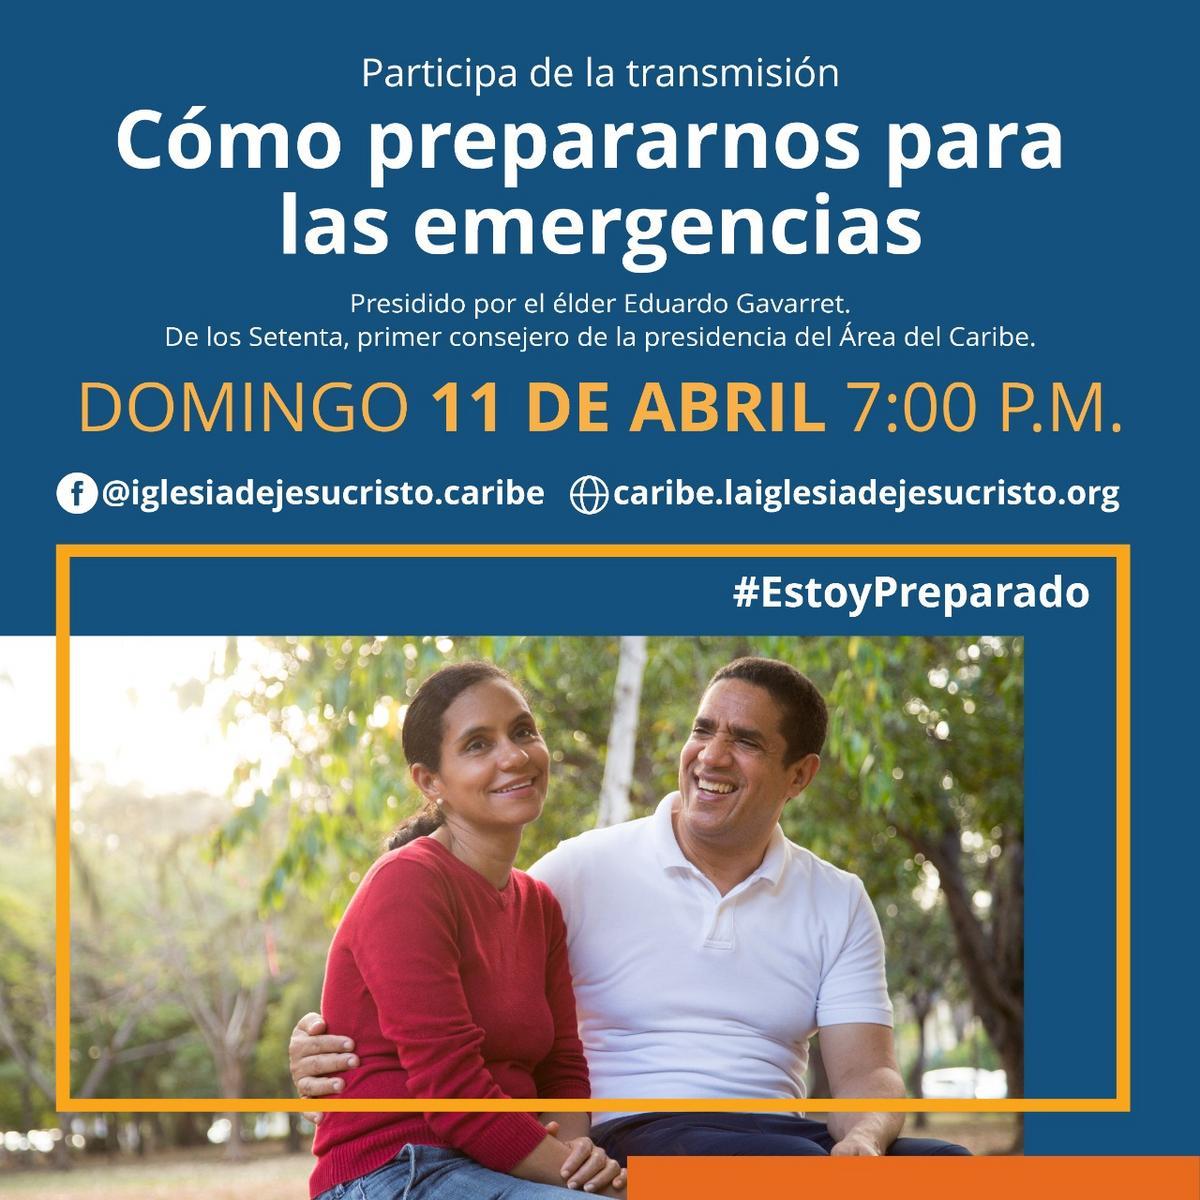 Cómo prepararnos para las emergencias